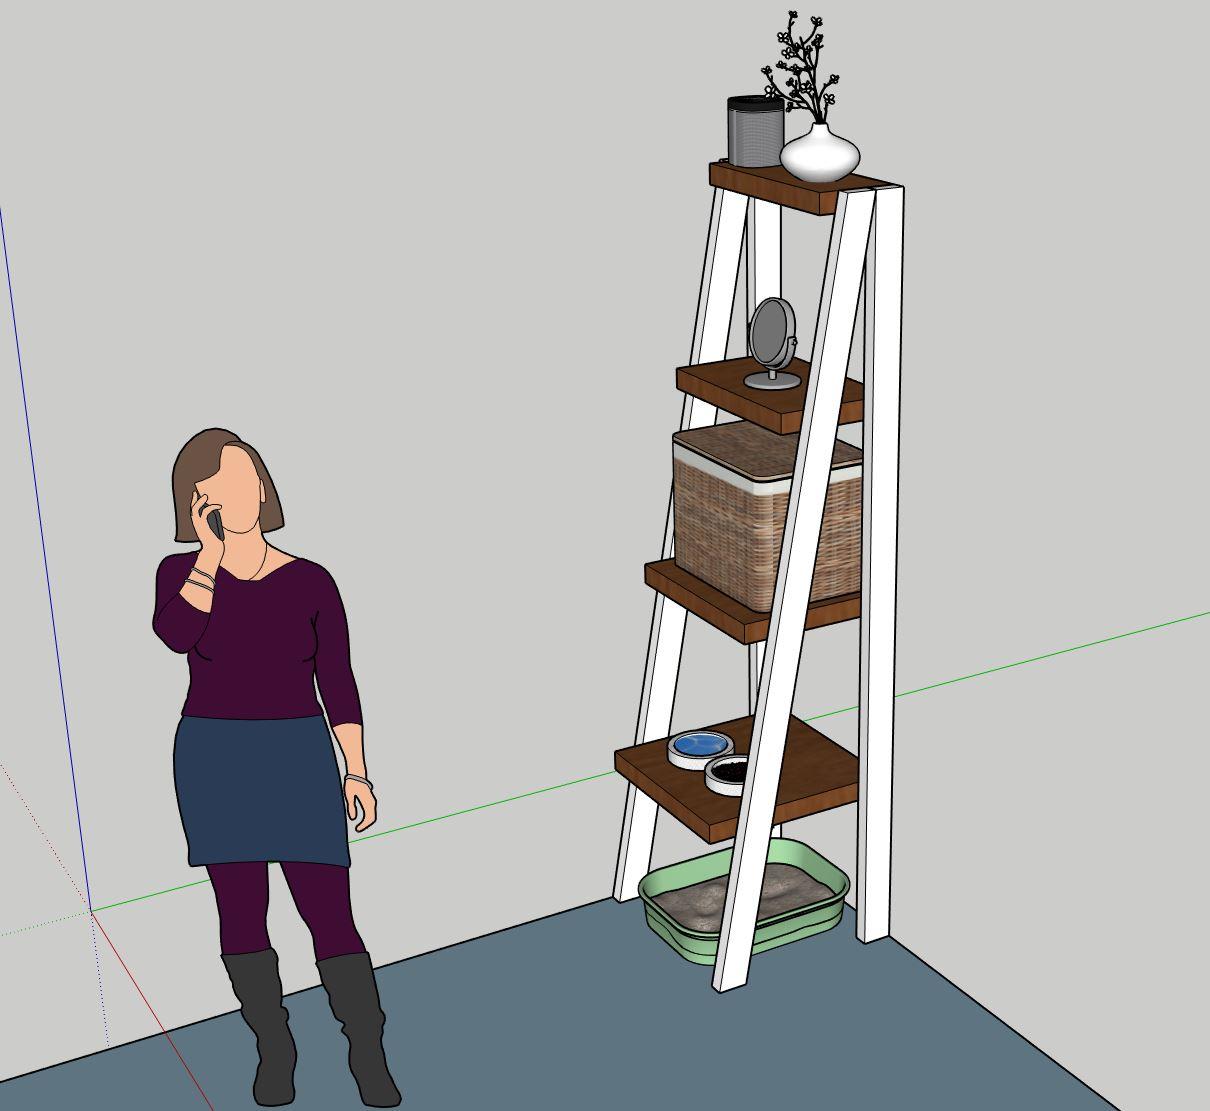 Sketch of cat shelf